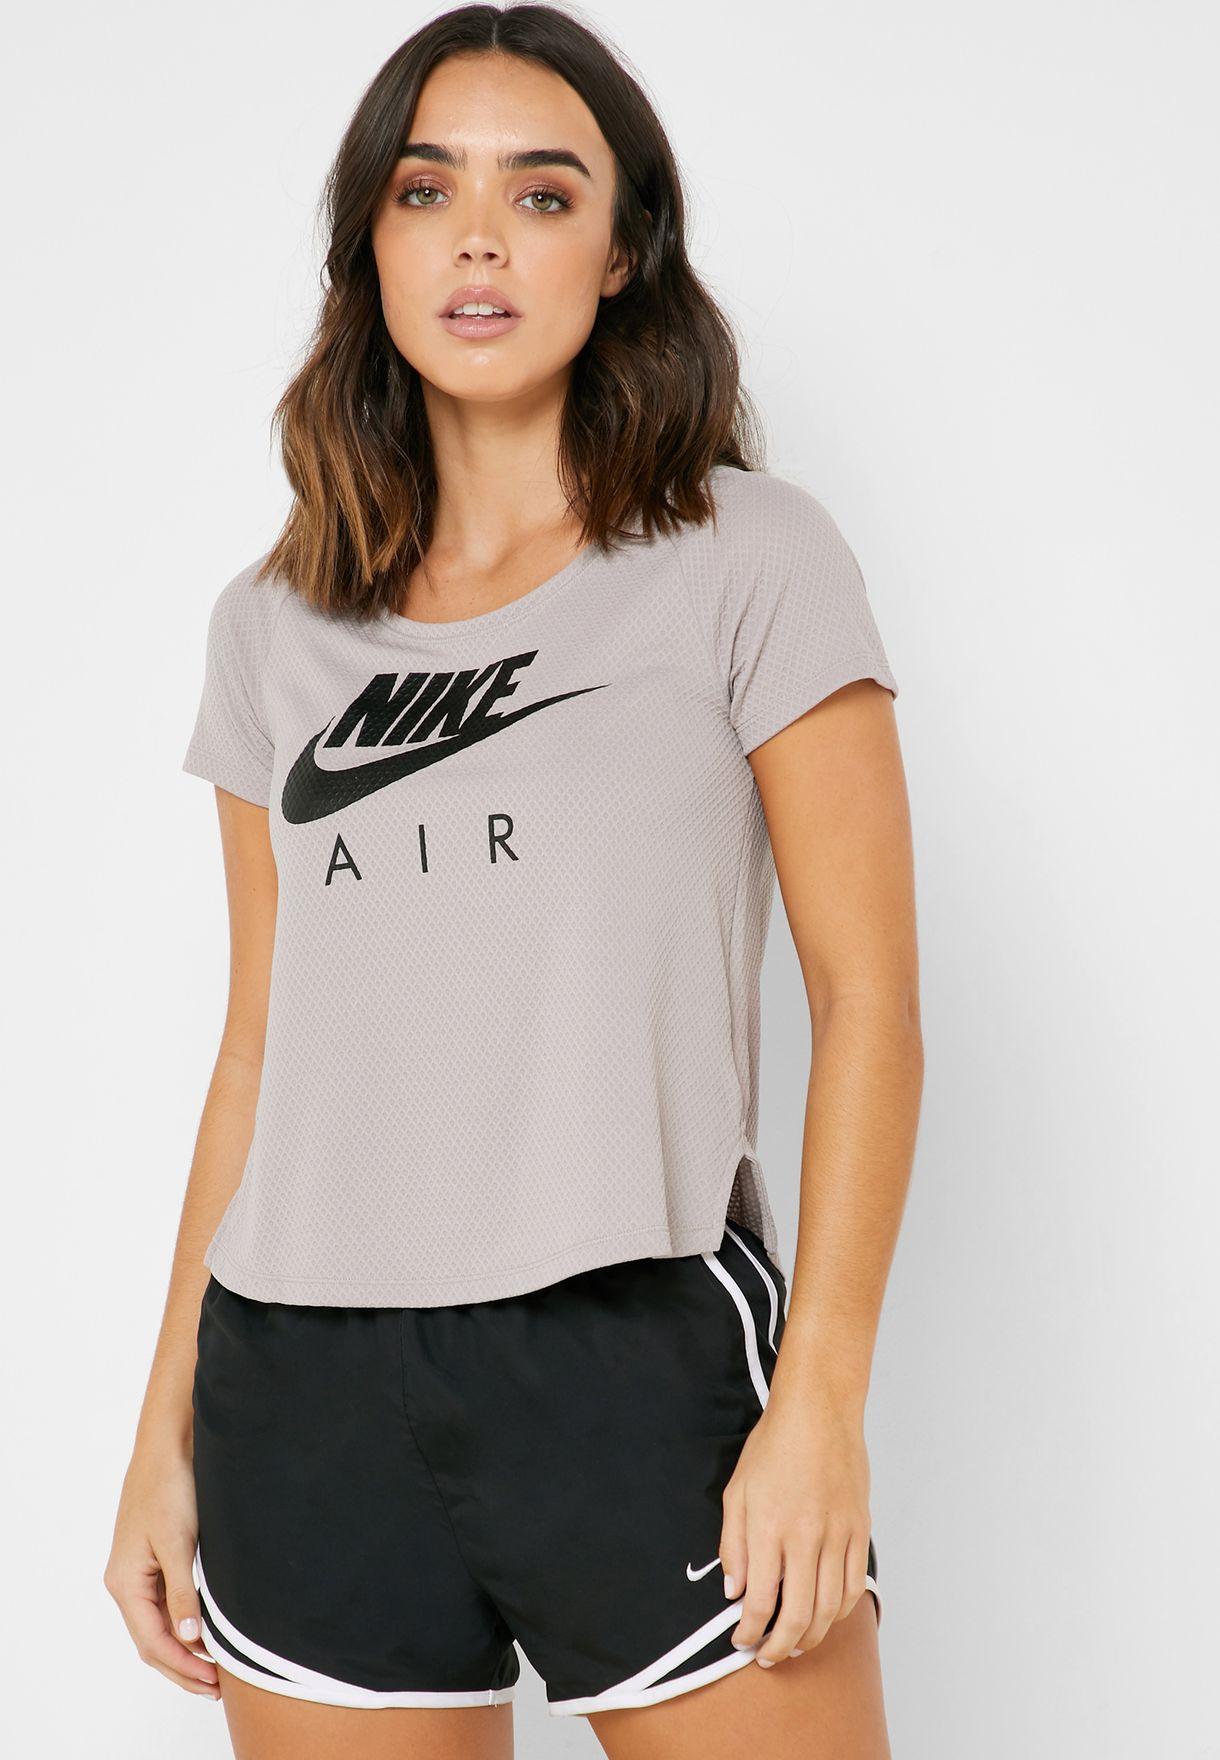 Air Mesh T-Shirt